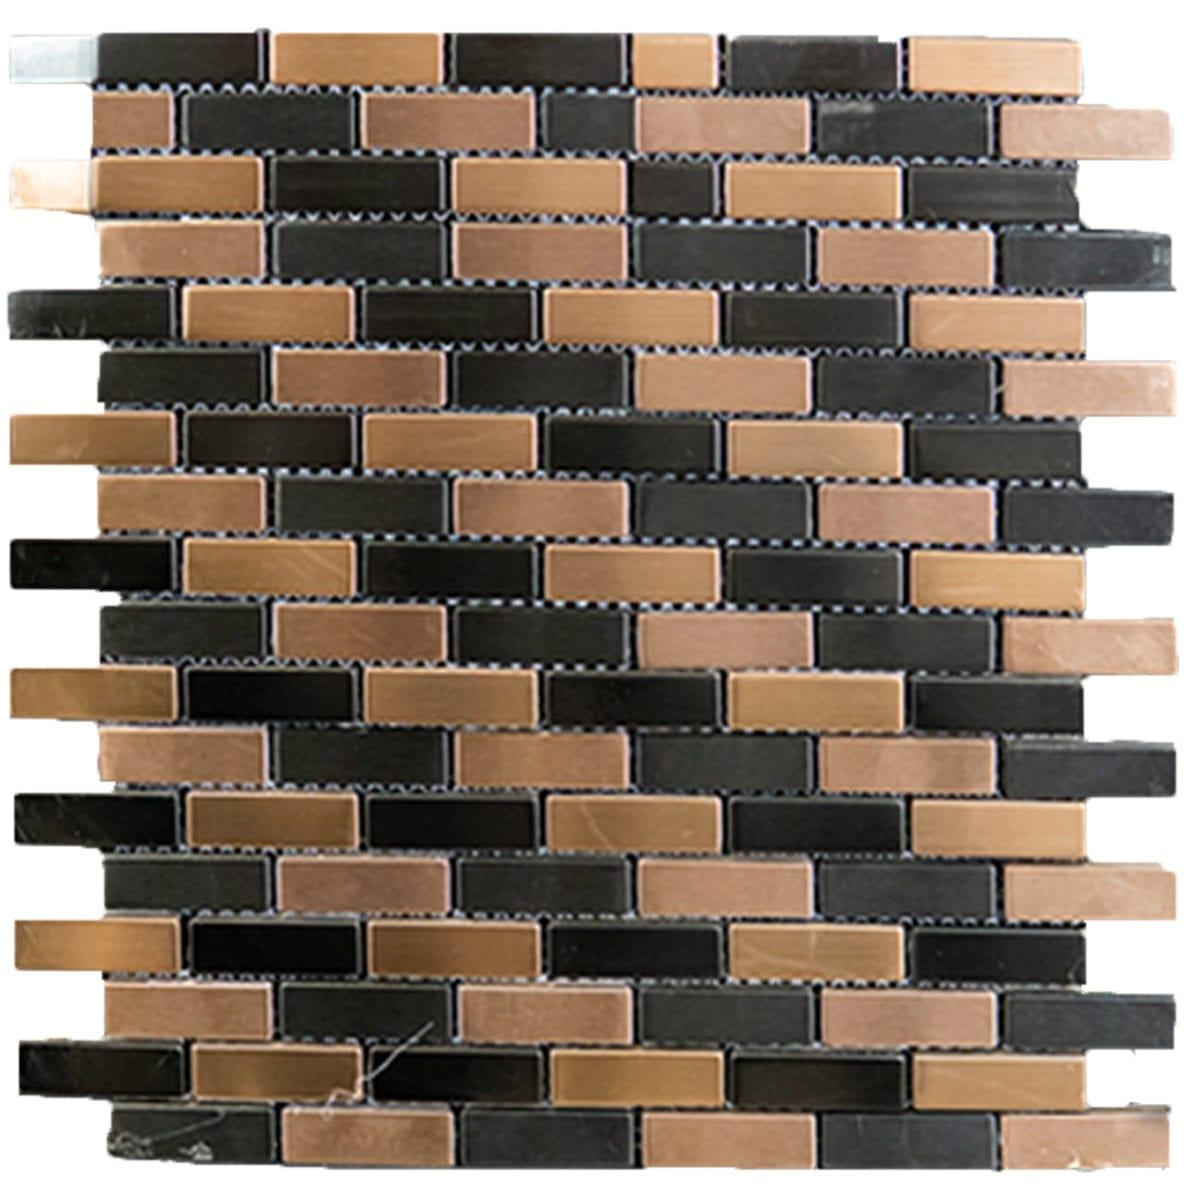 TALISMAN 12X12 COPPER STEEL BLACK